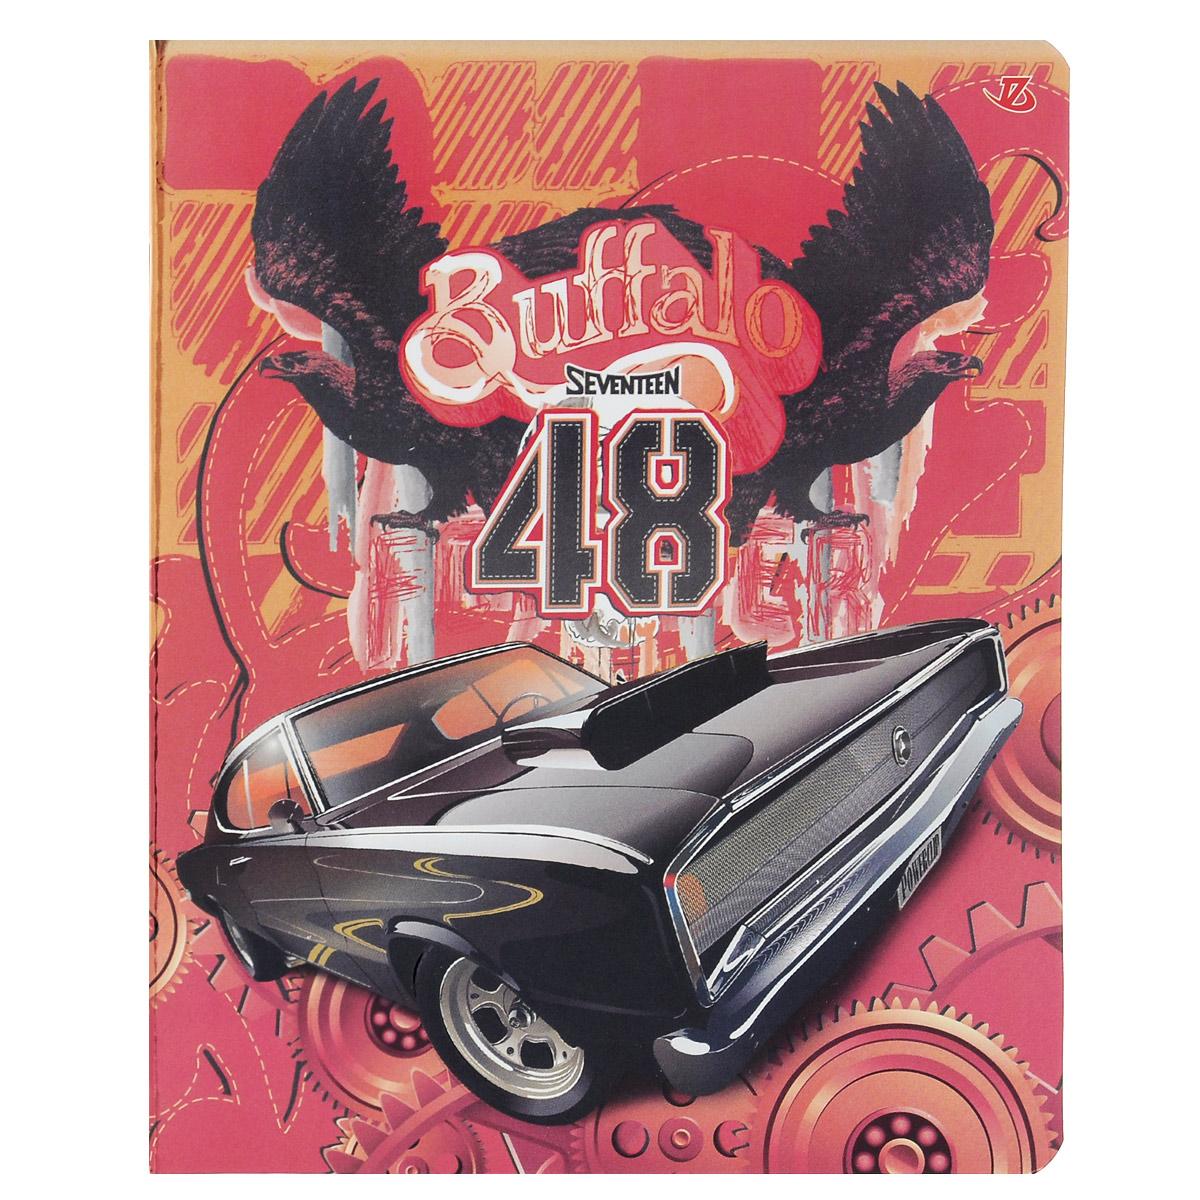 Тетрадь Seventeen Buffalo 48, цвет: красный, черный, 48 листов7225/5_конгрев Авто Buffalo 48 , цвет : красный (с дополнительным листом)Тетрадь Seventeen Buffalo 48 прекрасно подойдет как студенту, так и школьнику. Обложка тетради с фактурным изображением черного автомобиля выполнена из мелованного картона с закругленными углами. Внутренний блок тетради состоит из 48 листов высококачественной бумаги повышенной белизны. Стандартная линовка в клетку дополнена полями, совпадающими с лицевой и оборотной стороны листа. Первая страничка содержит поля для заполнения личных данных.